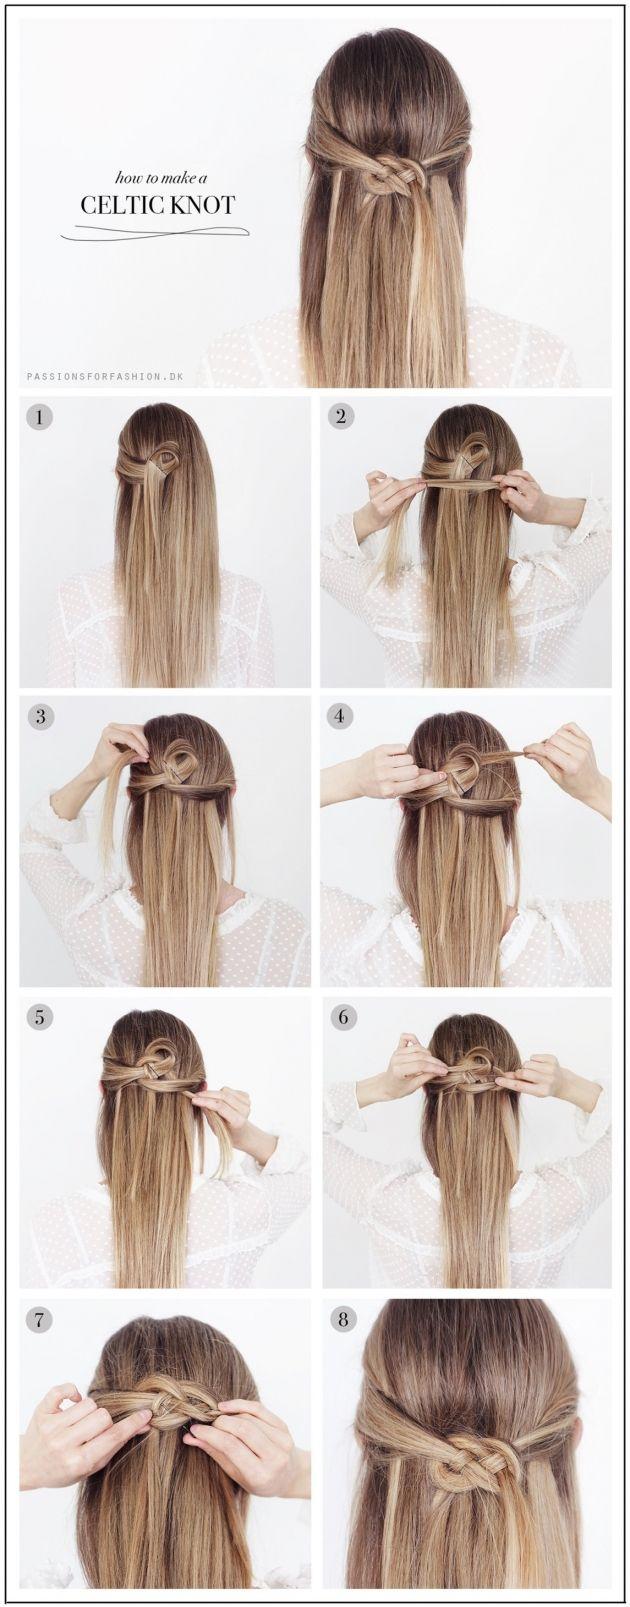 Peinado sencillo en pocos pasos / Vía http://passionsforfashion.dk/